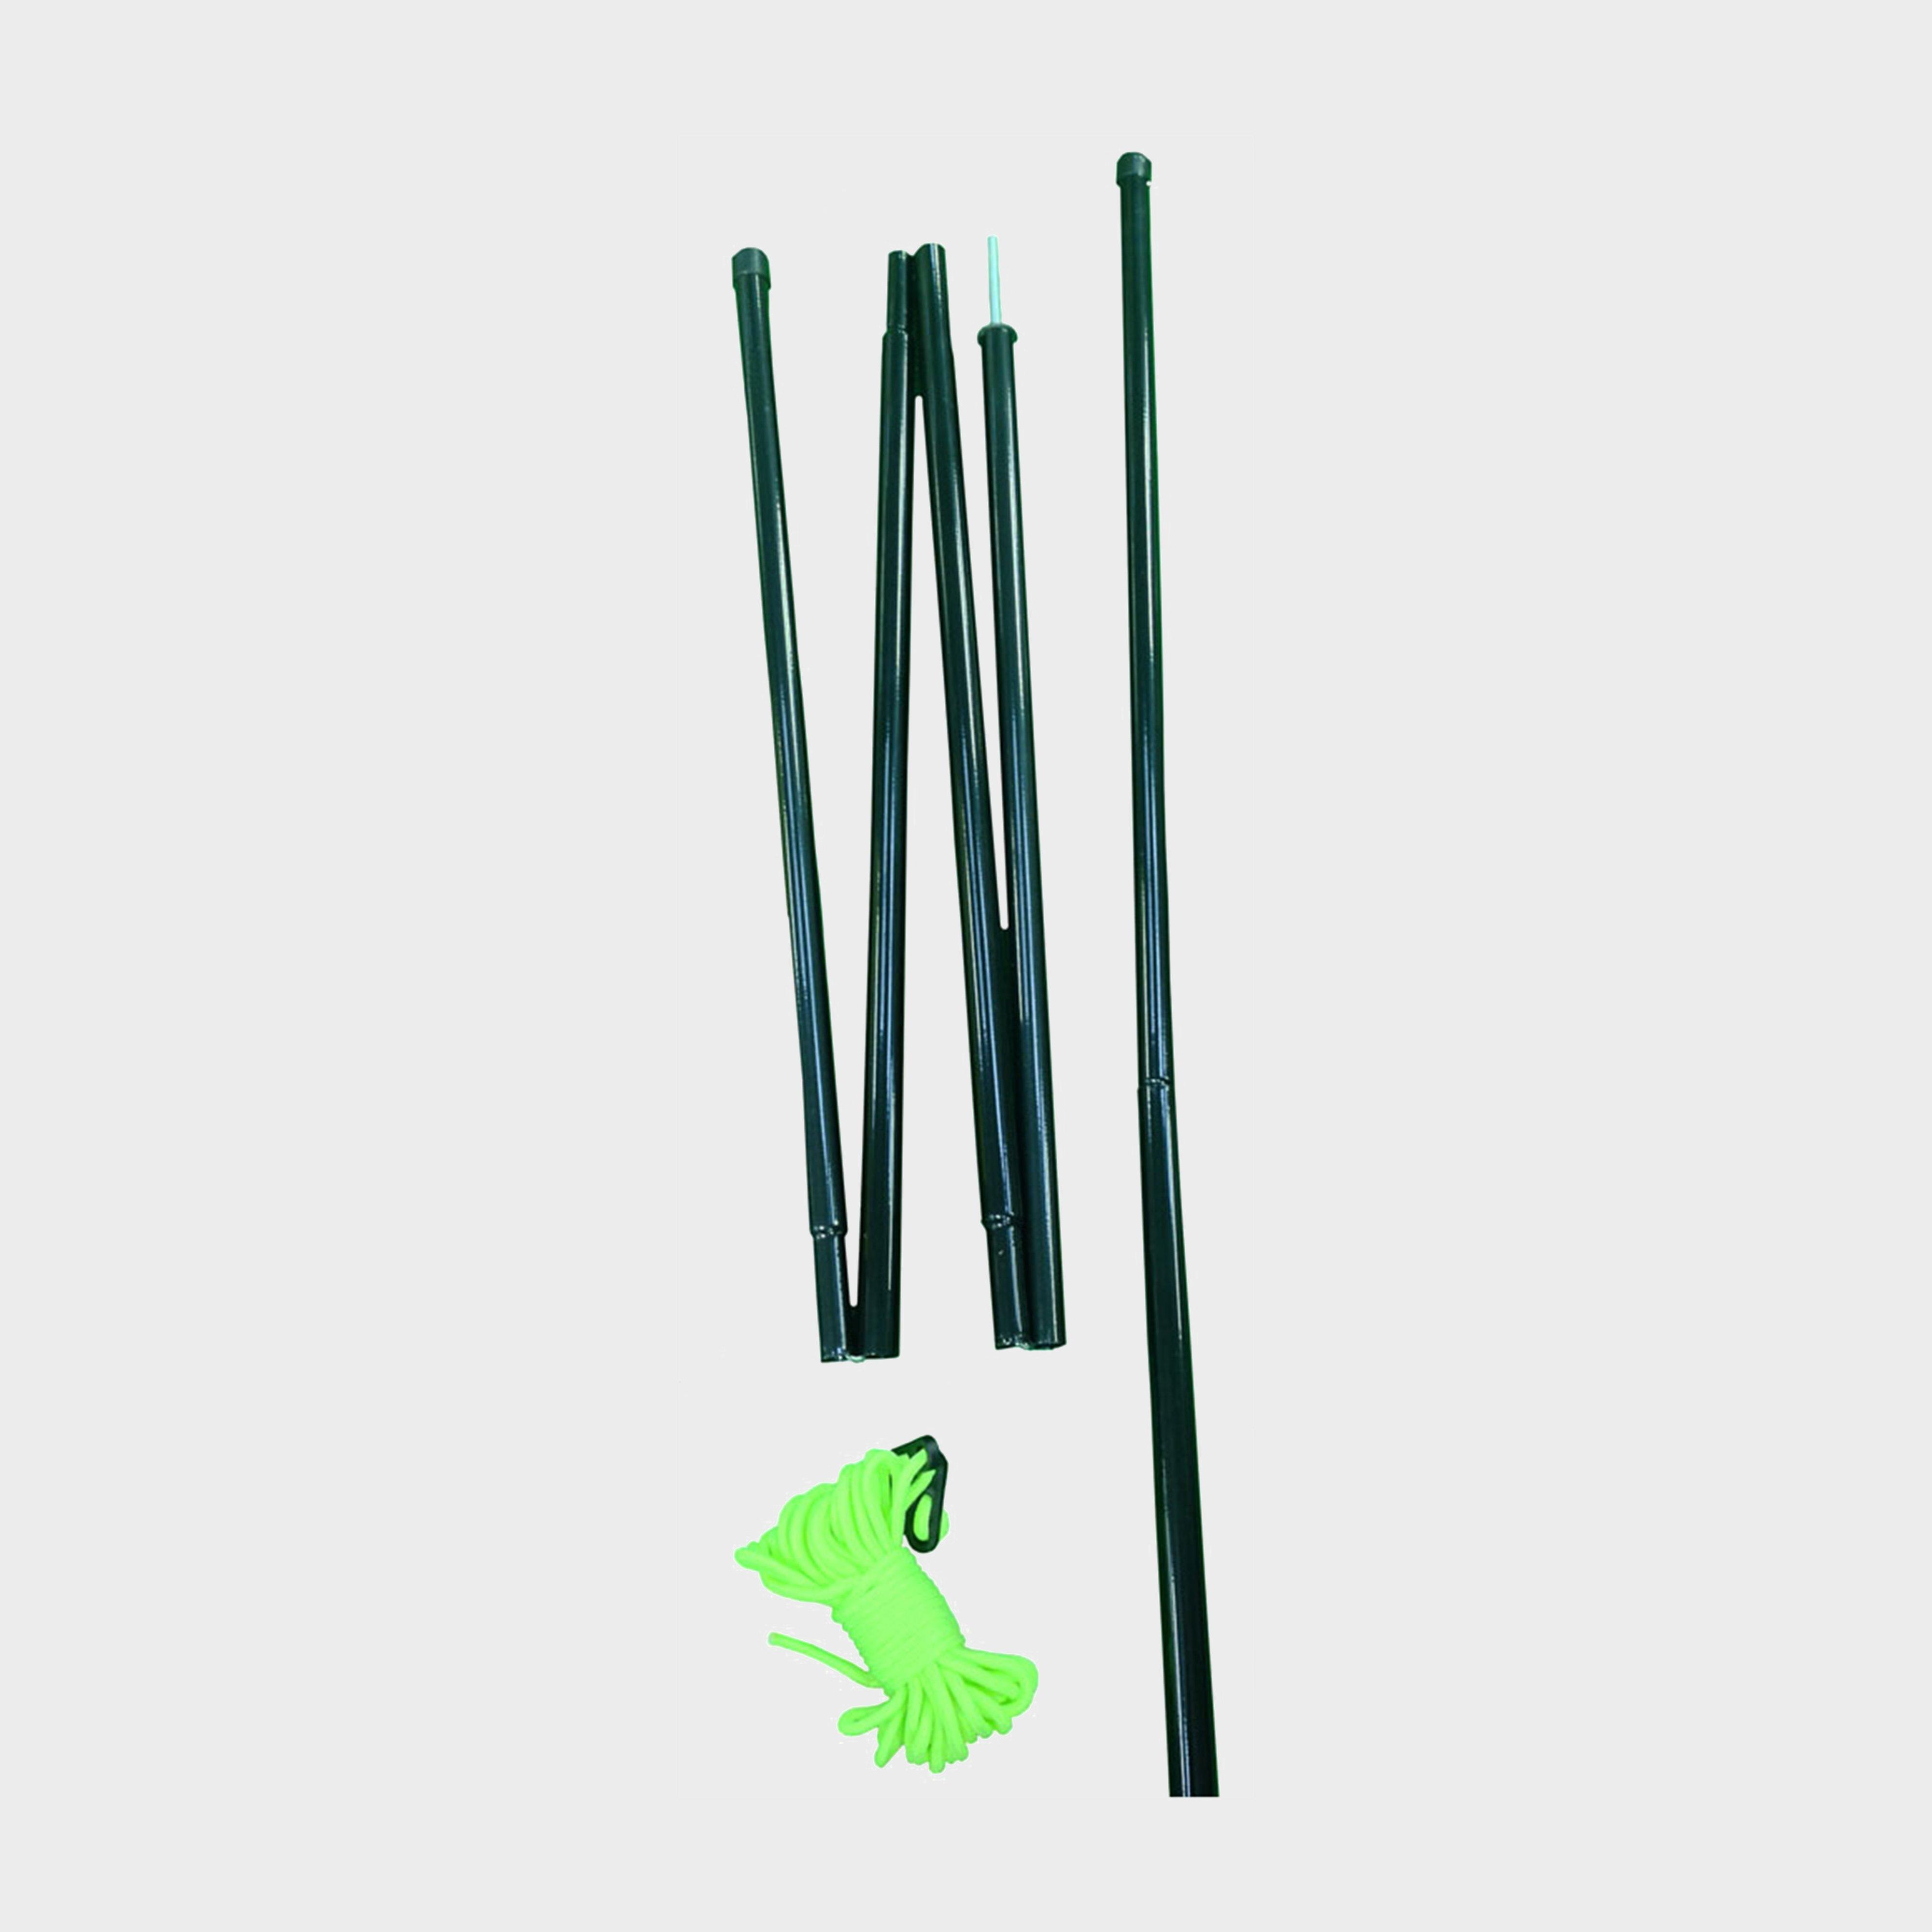 Hi-Gear Hi-Gear Upright Extension Poles - Navy, Navy